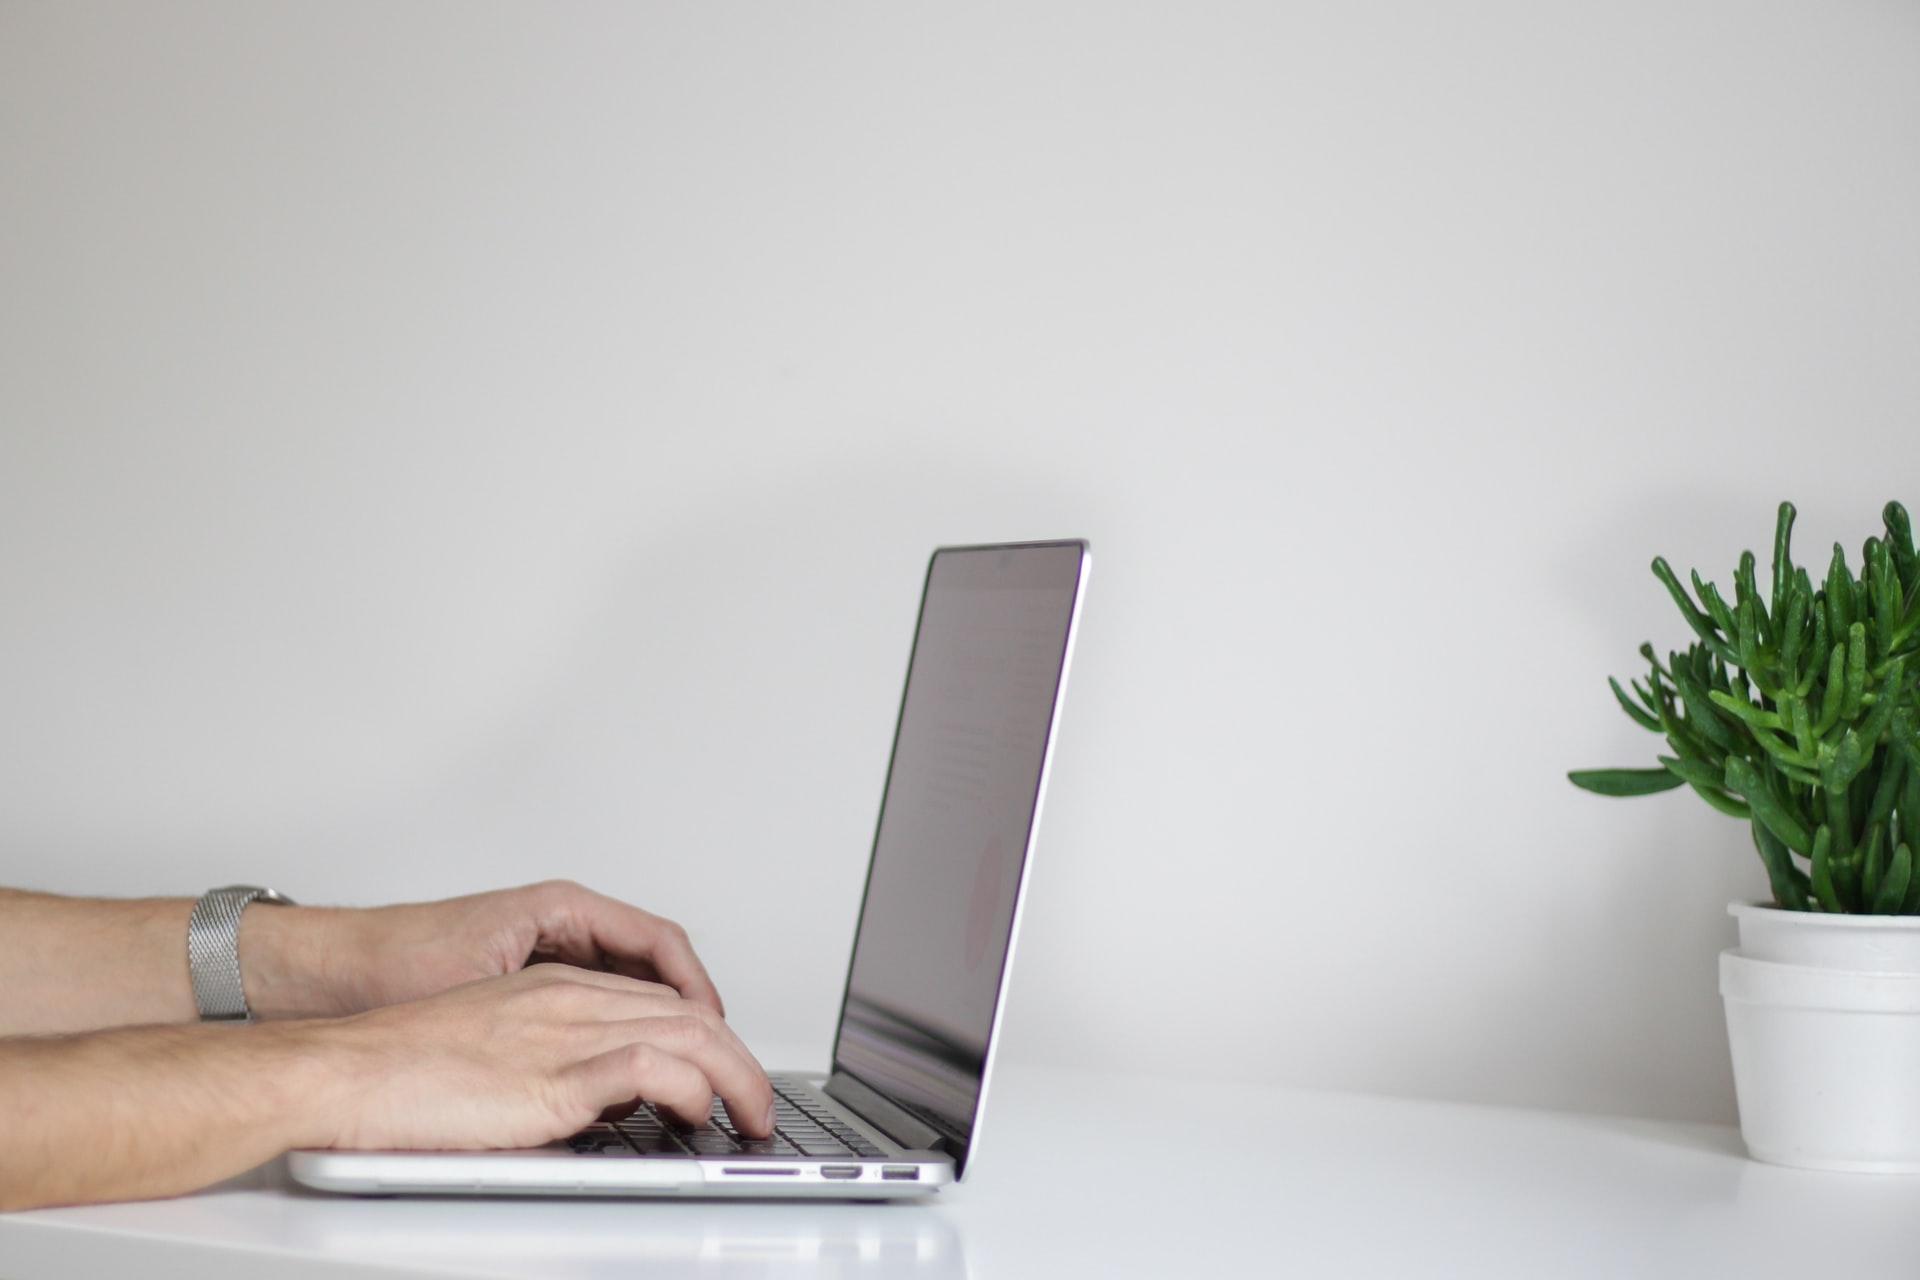 ホームページ制作を小規模事業者持続化補助金(コロナ特別対応型)で